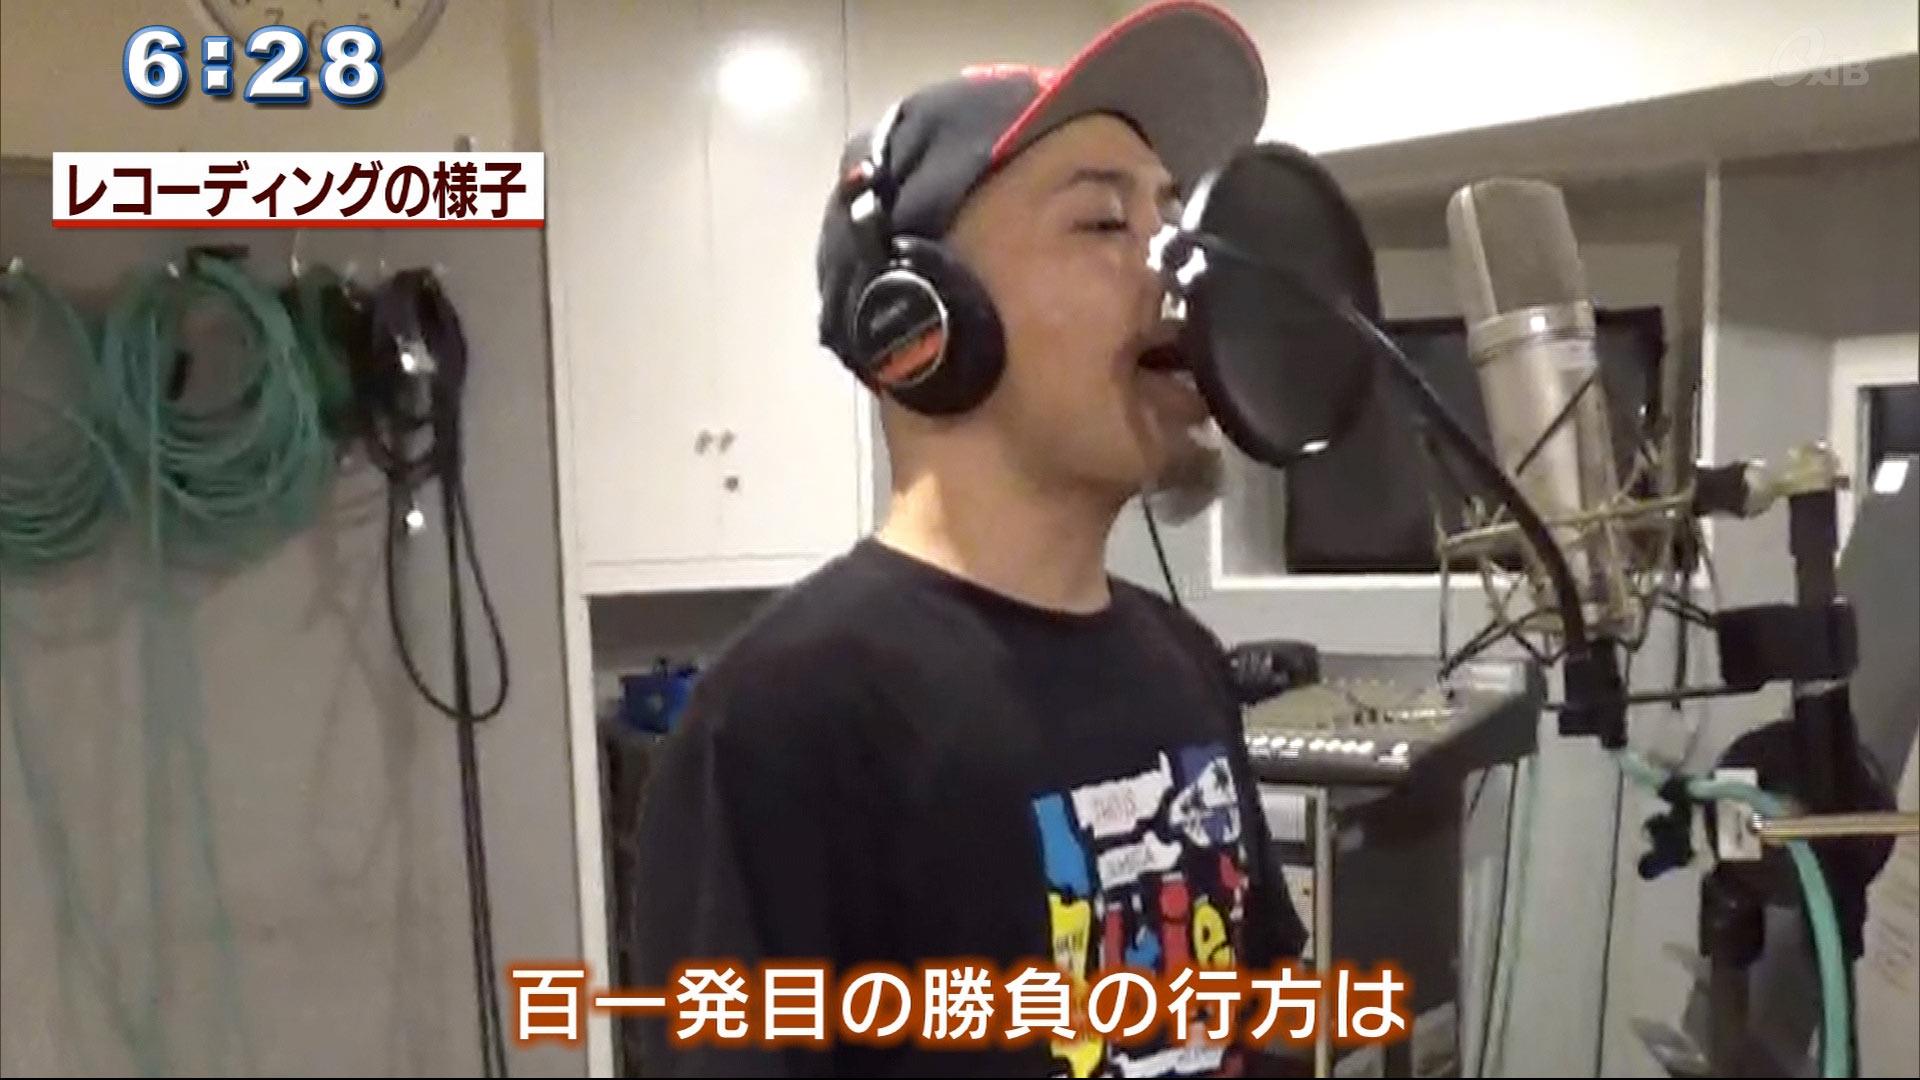 かりゆし58がめざせ甲子園!に楽曲提供